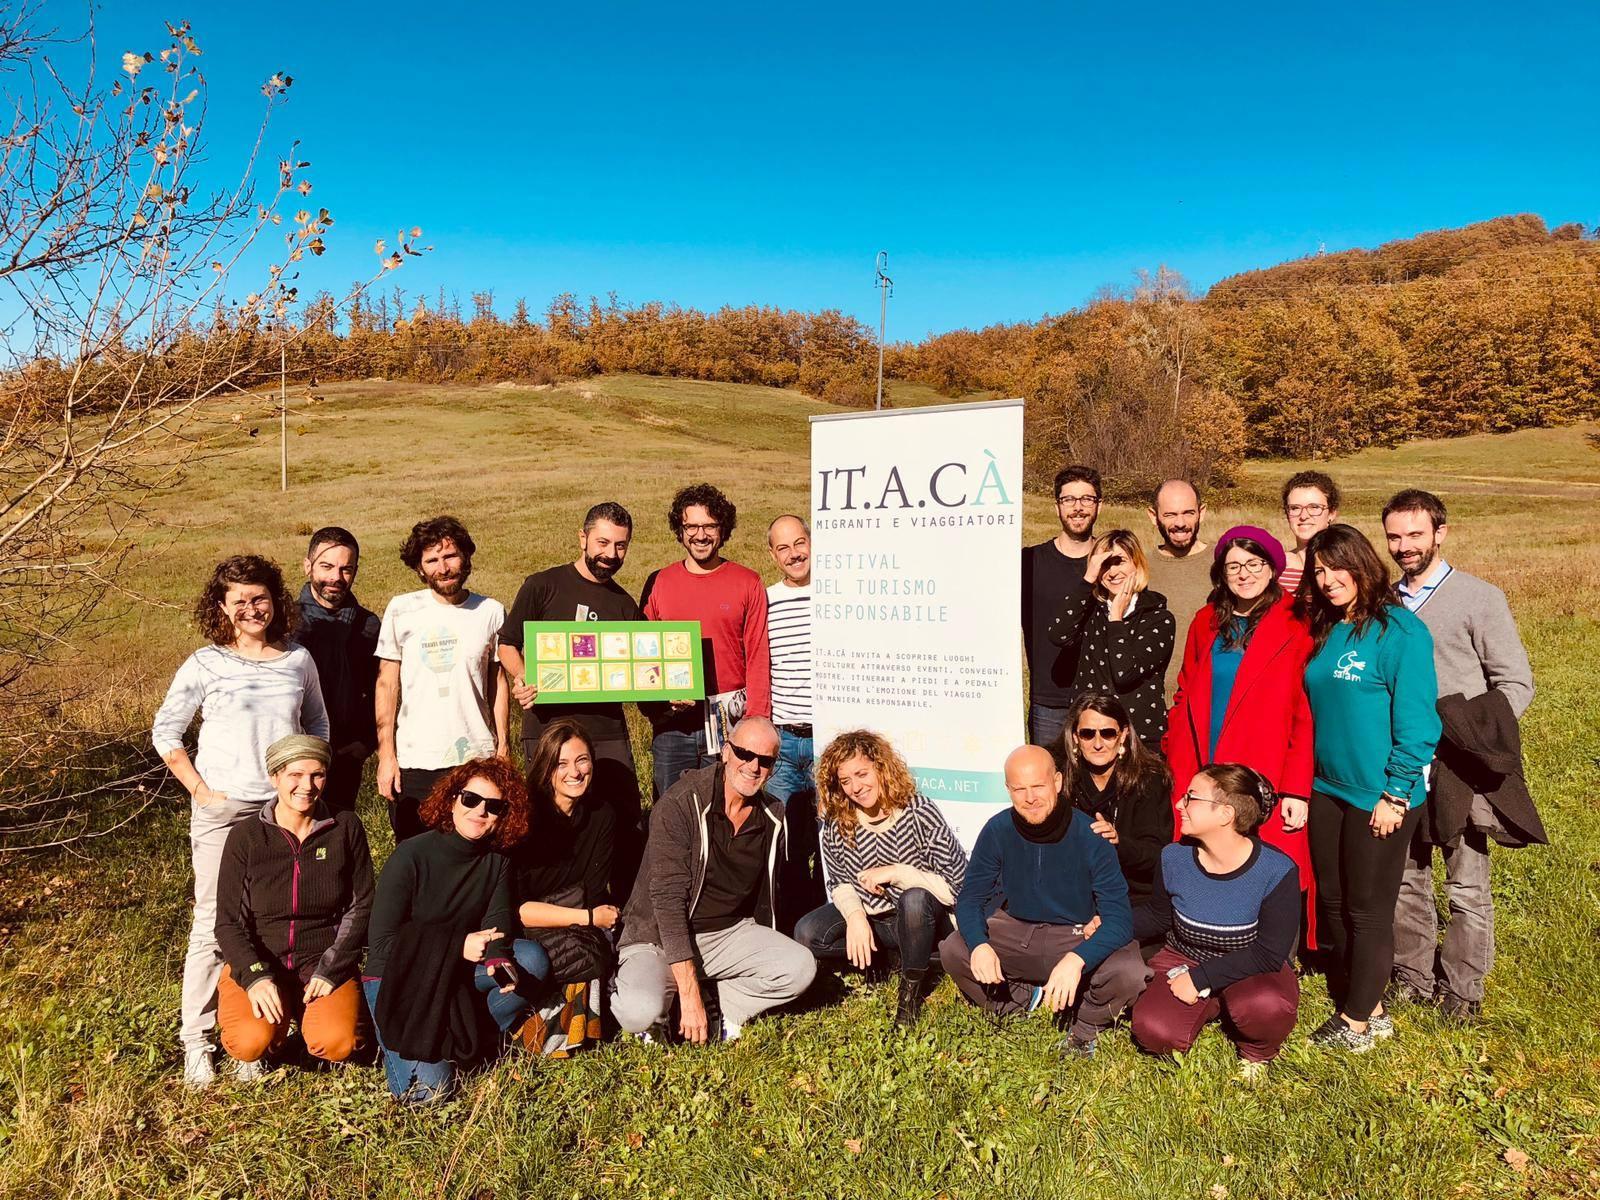 Lo staff di IT.A.CA 2019, il tema è la restanza. Foto via festivalitaca.net